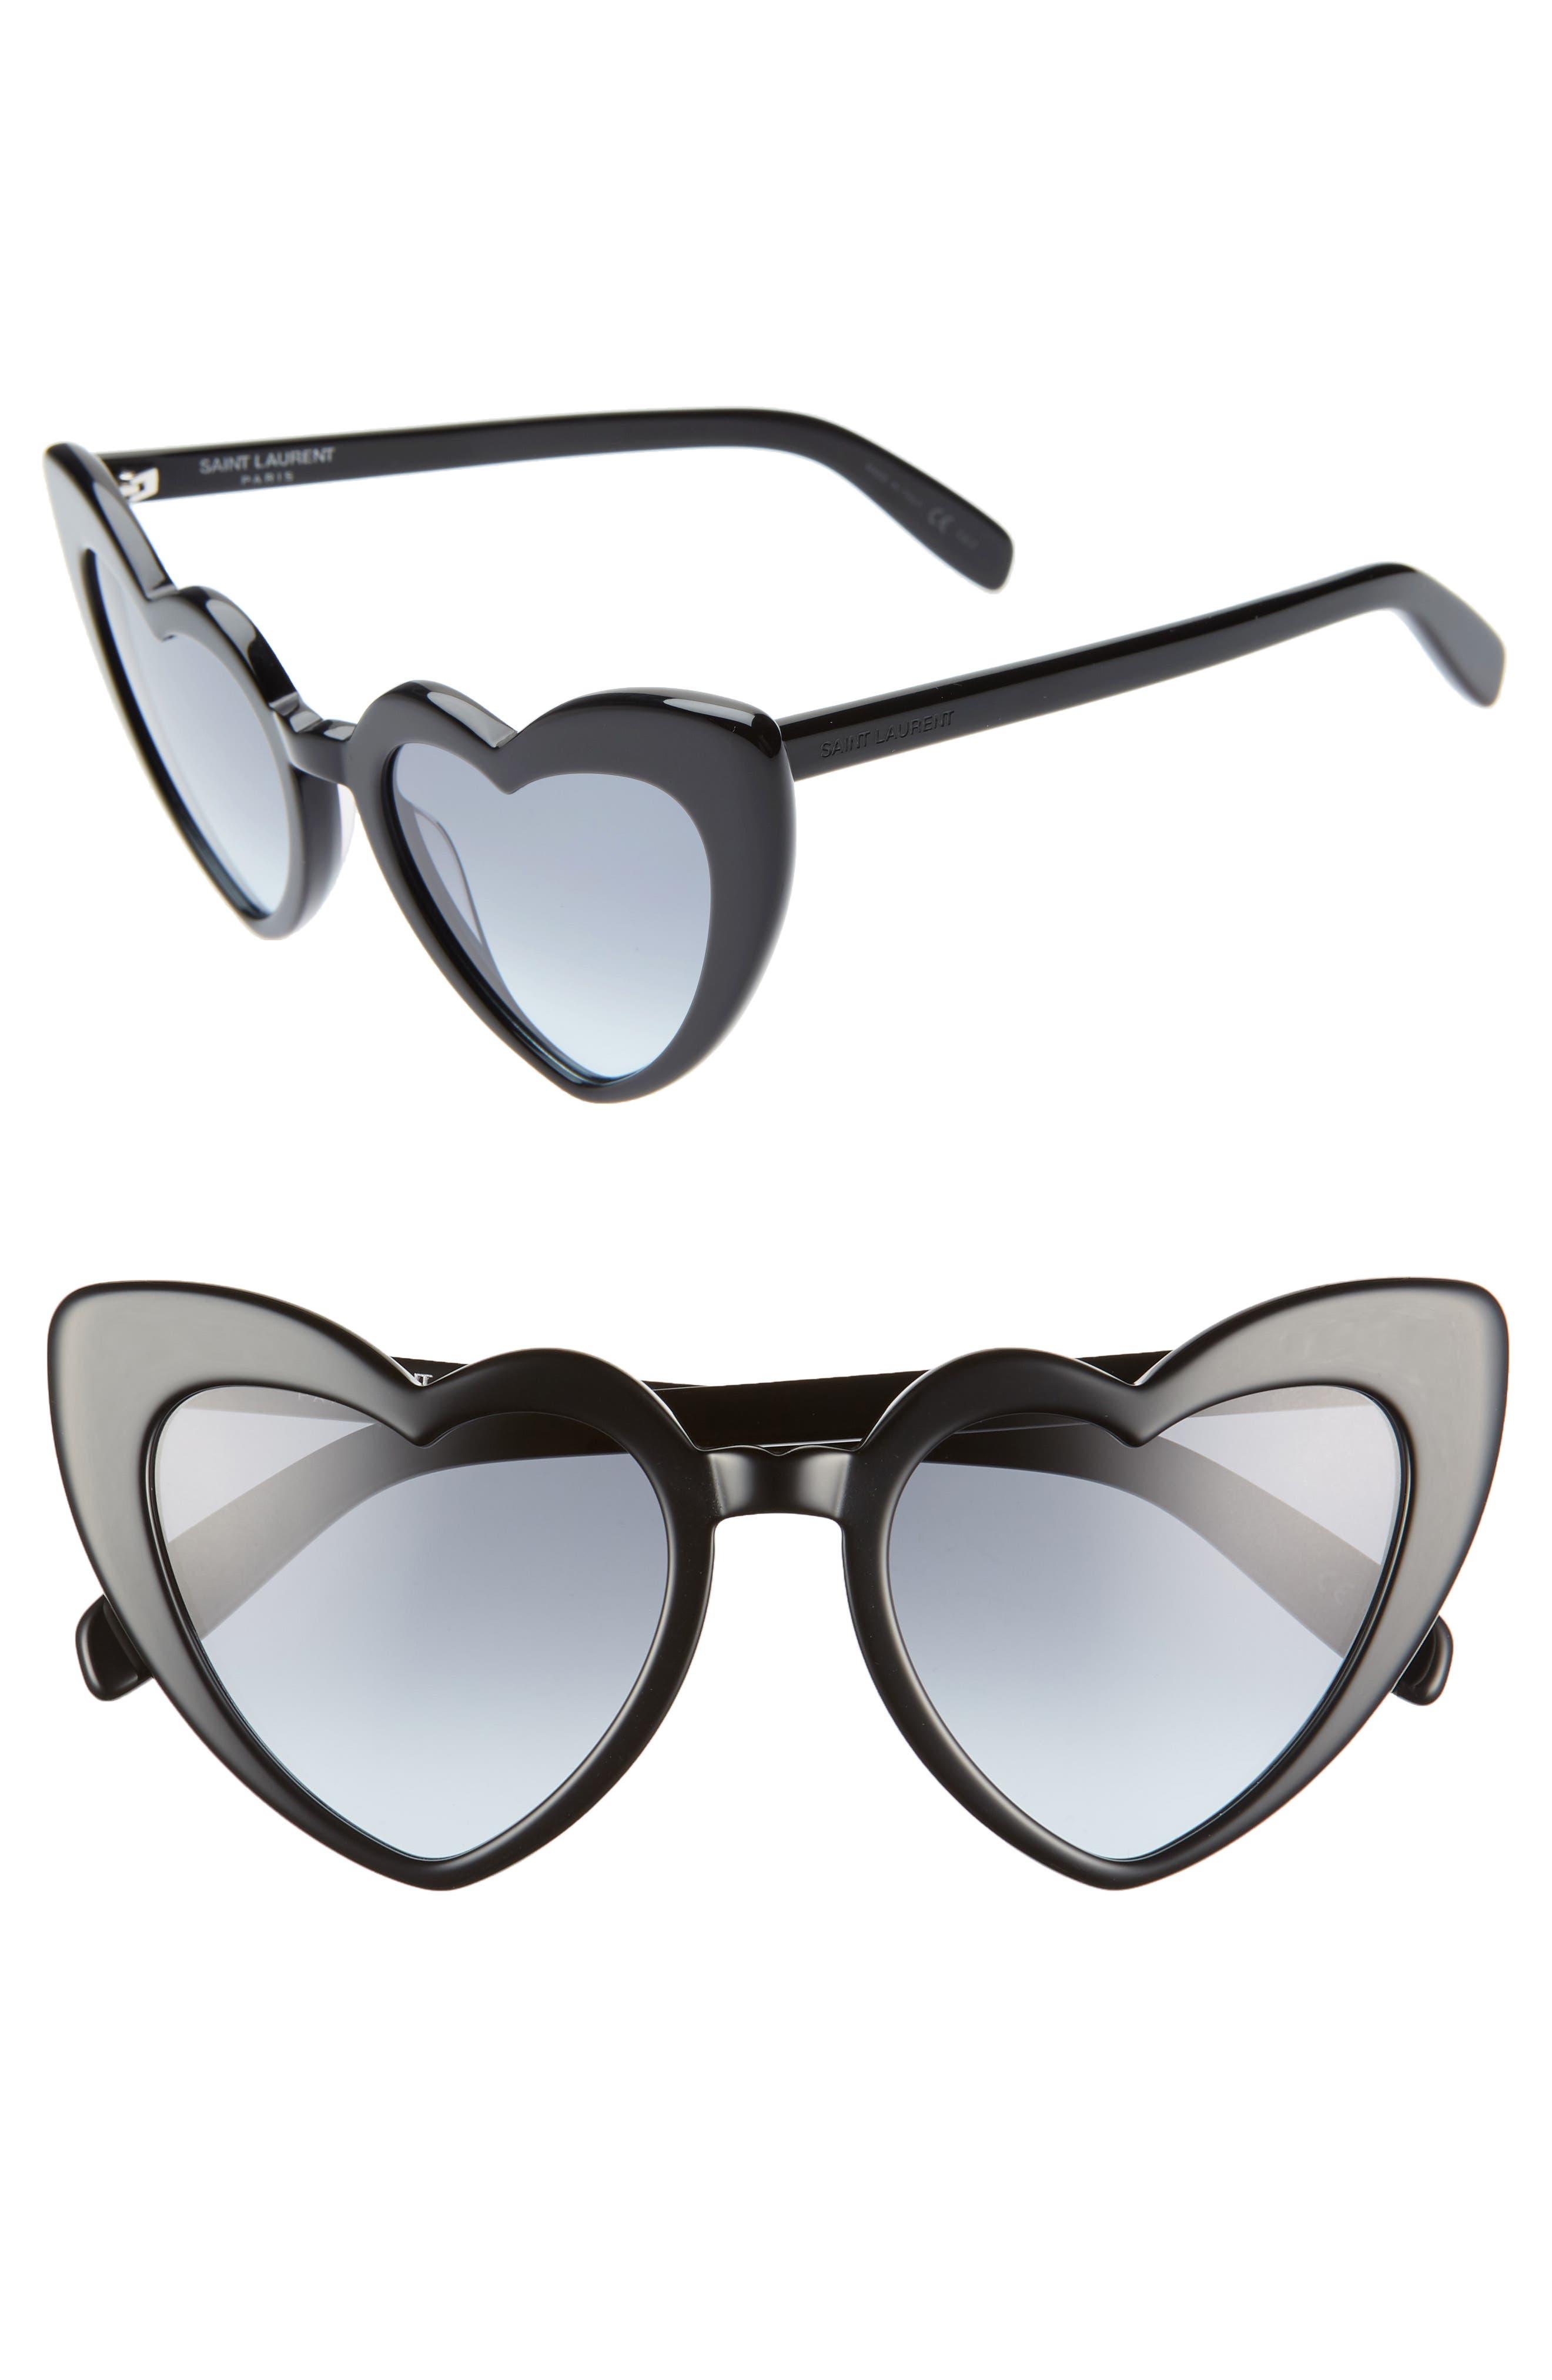 SAINT LAURENT,                             Loulou 54mm Heart Sunglasses,                             Main thumbnail 1, color,                             BLACK/ GREY BLUE GRADIENT